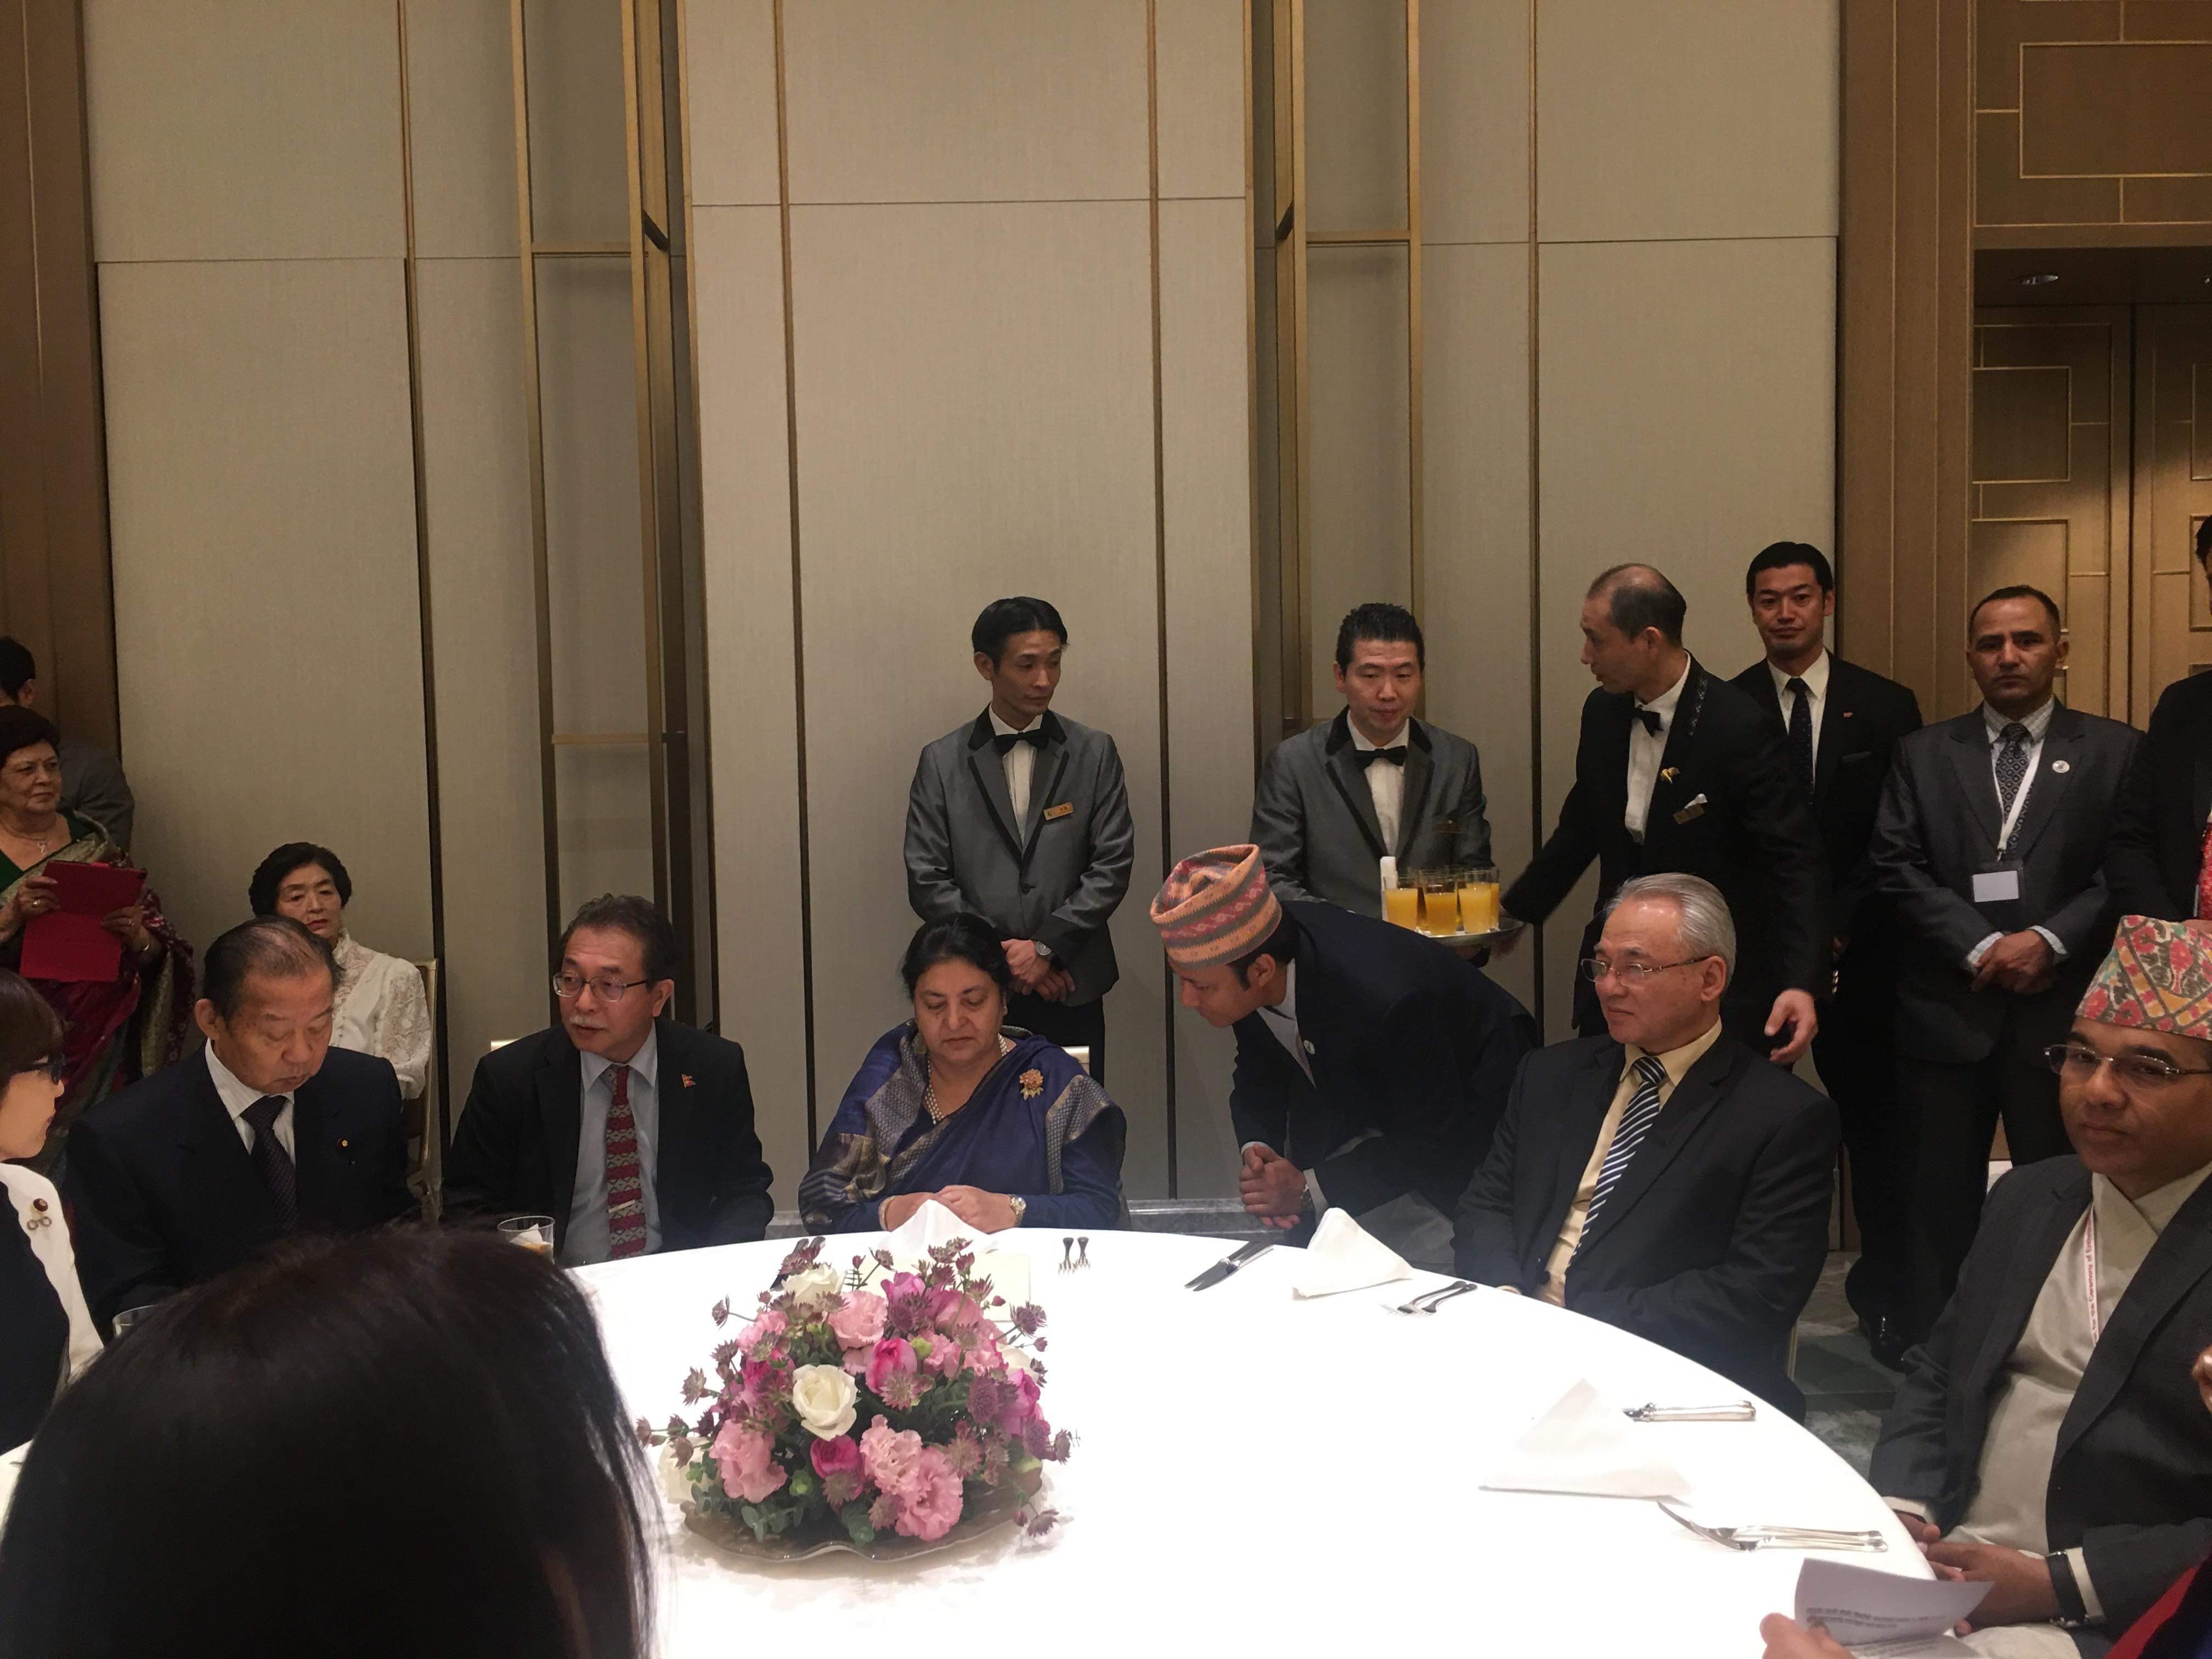 जापान विकासको प्रमुख साझेदार : राष्ट्रपति भण्डारी